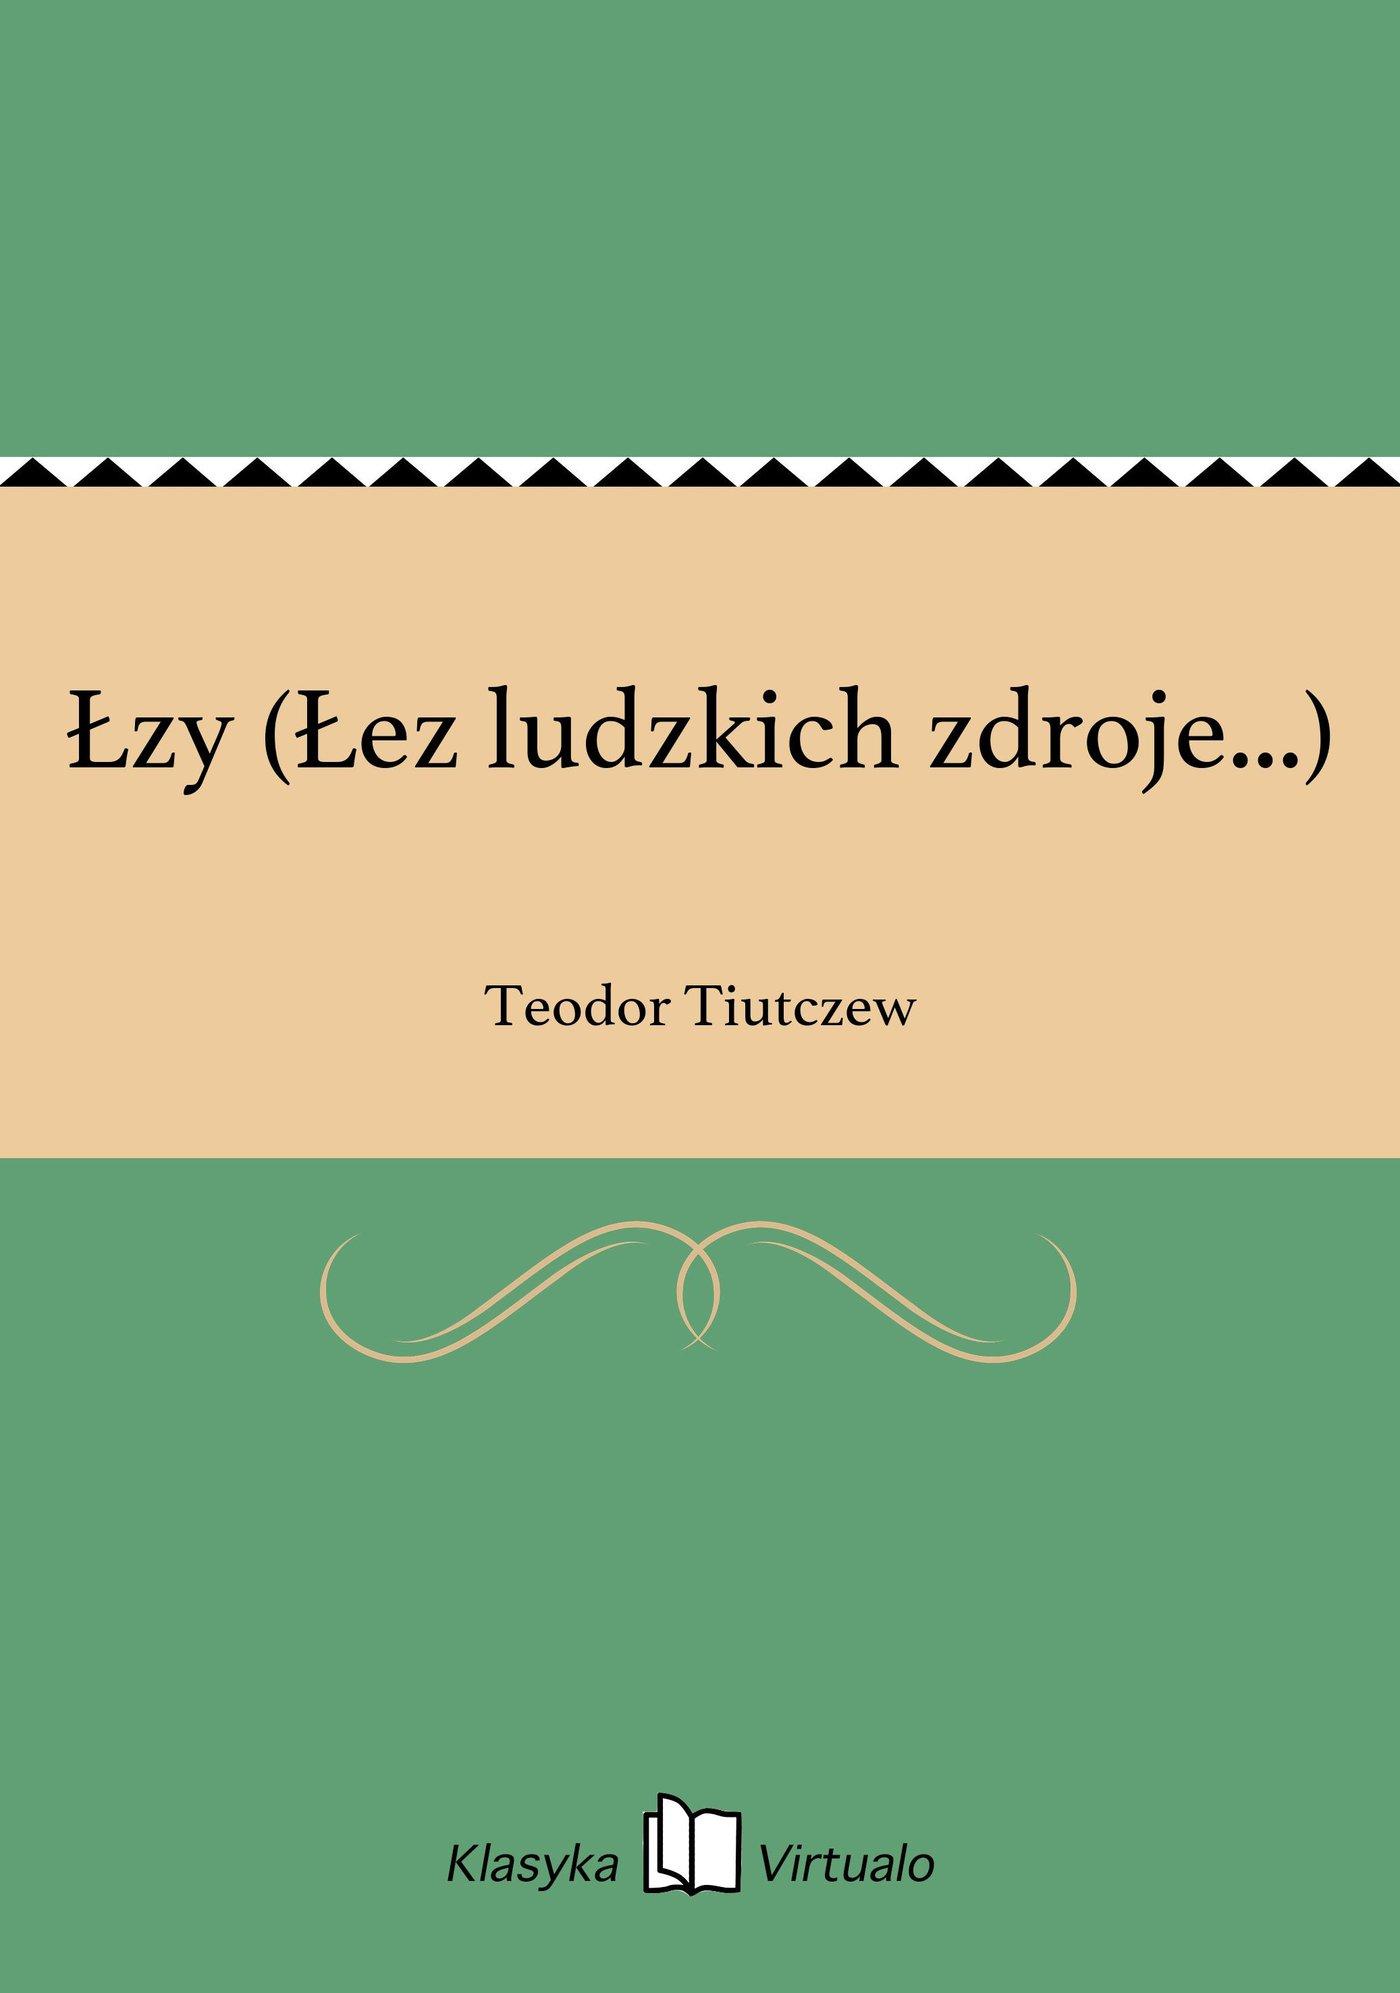 Łzy (Łez ludzkich zdroje...) - Ebook (Książka na Kindle) do pobrania w formacie MOBI